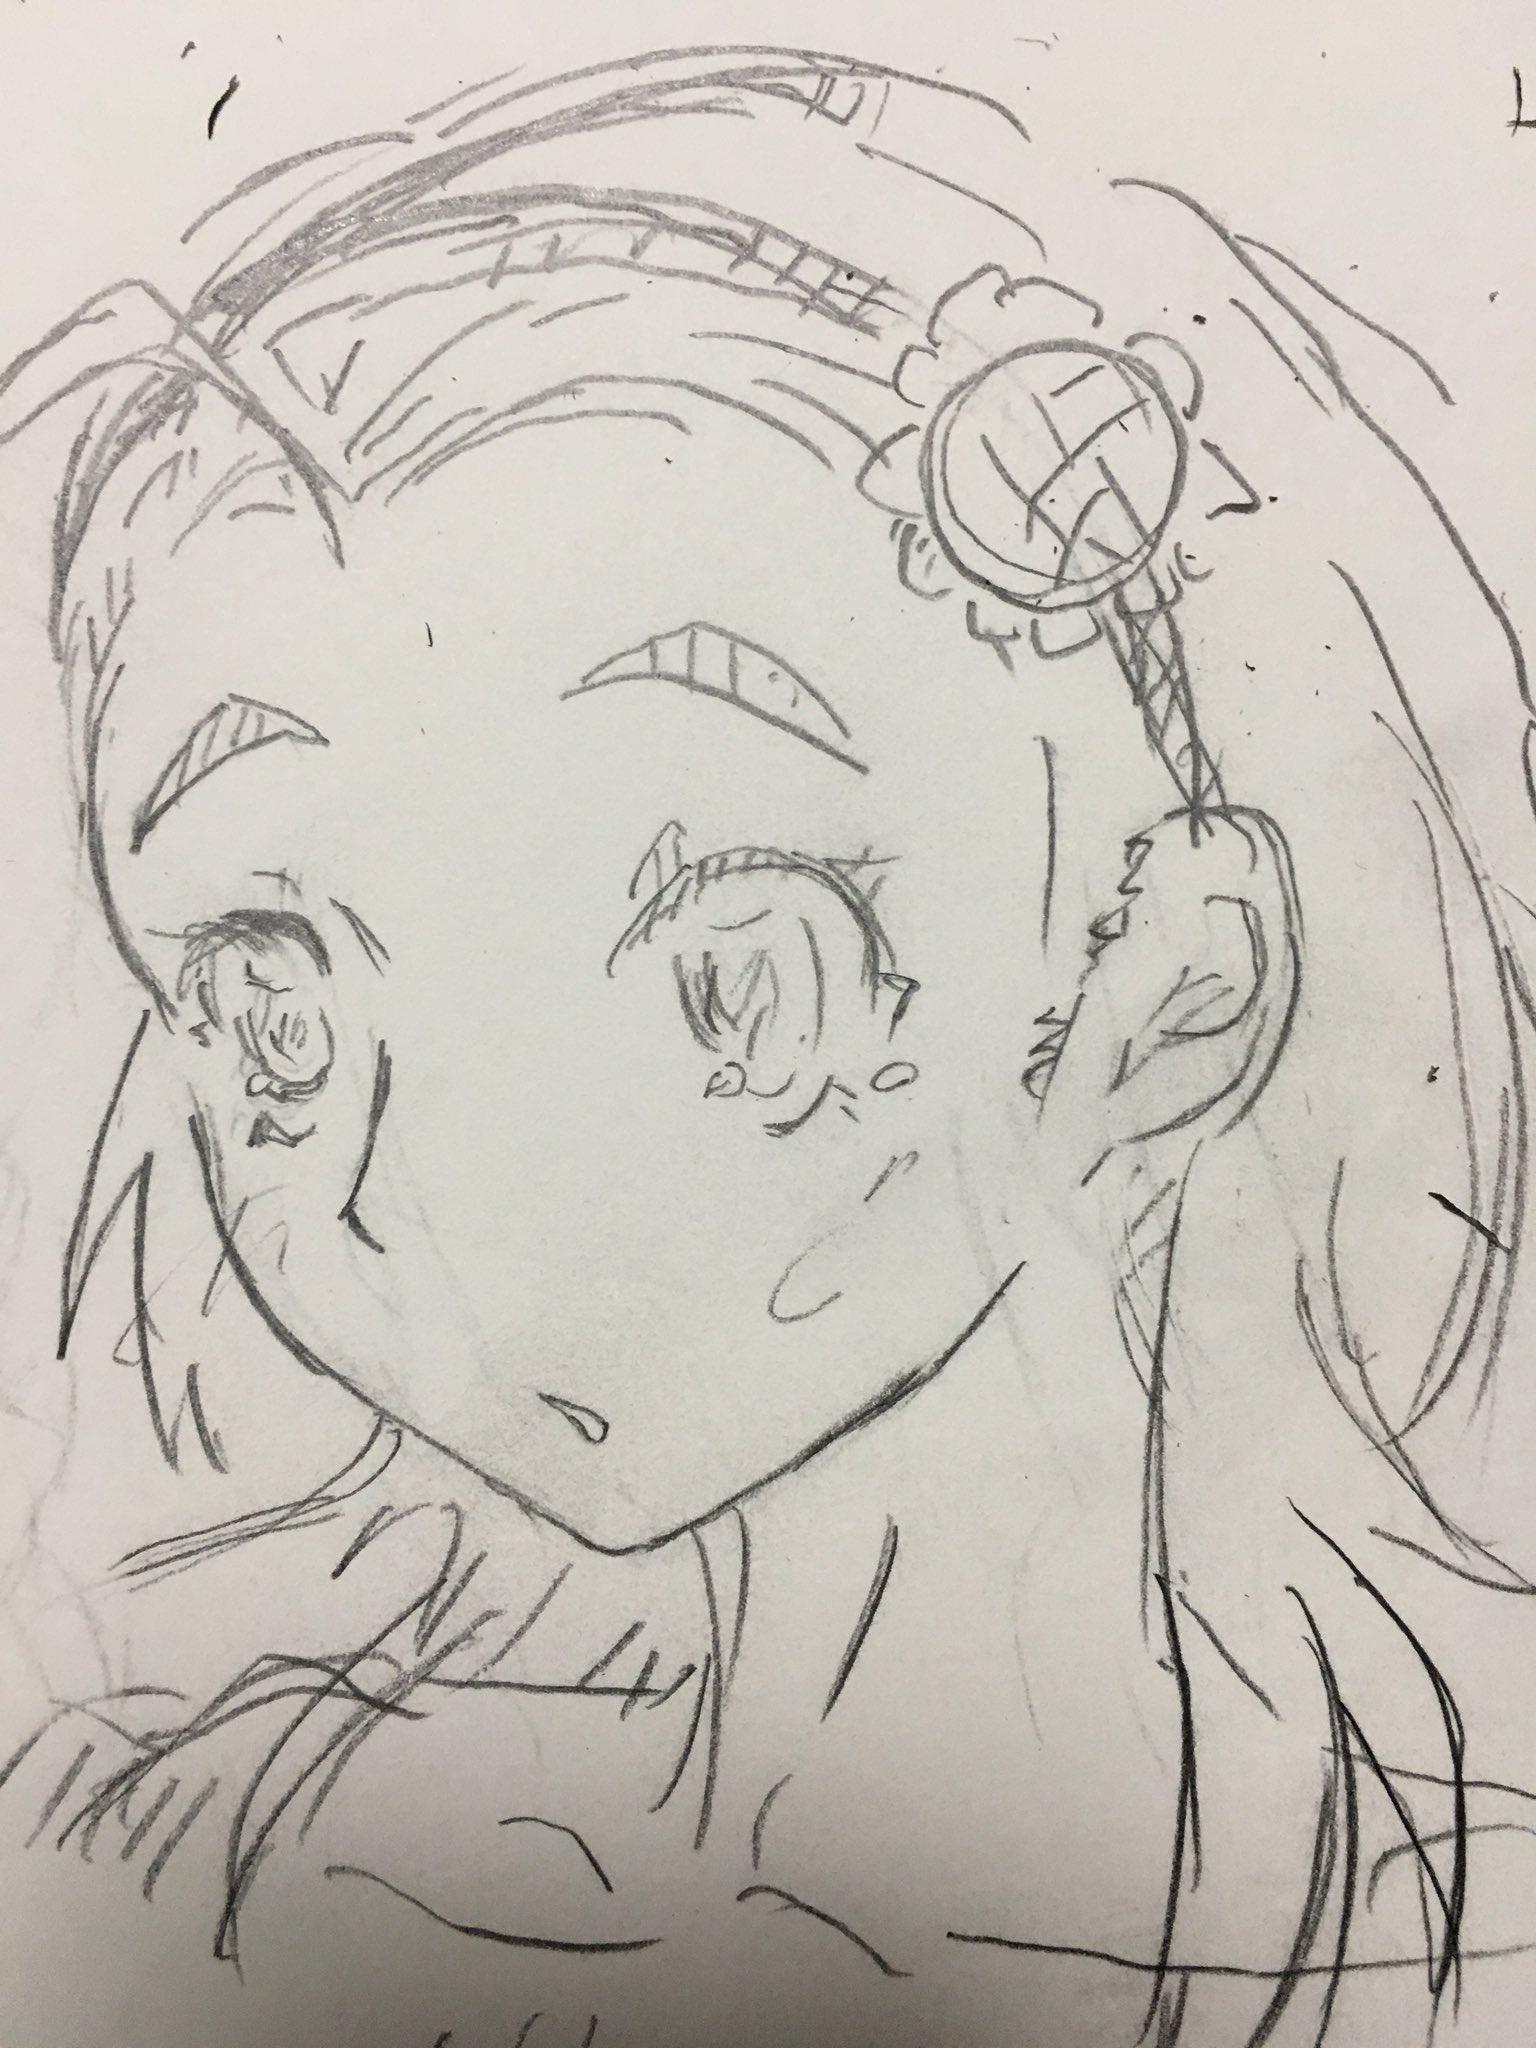 金子みすゞ (@SplashStar0512)さんのイラスト